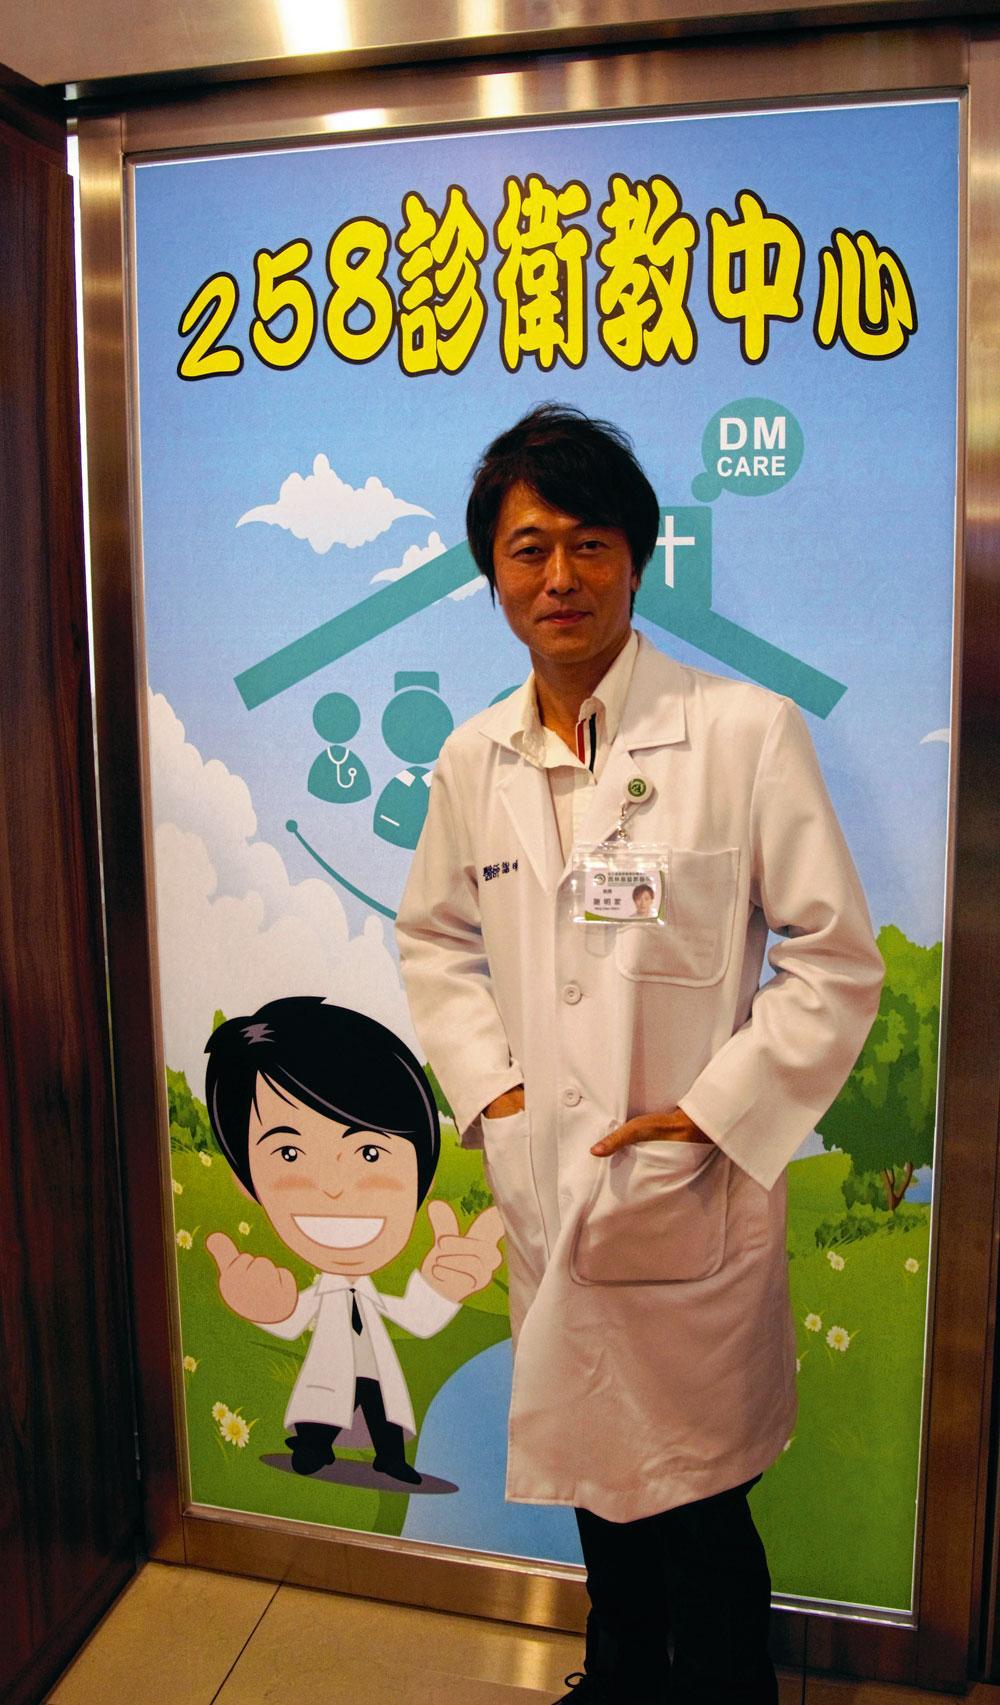 Le Dr Hsieh Mingchia à la porte du centre d'éducation sur le diabète de l'hôpital chrétien de Yuanlin, pose à côté de son propre personnage, dessiné en style chibi. Ce style graphique de dessin manga n'est pas le seul point commun entre le Japon et Taïwan., LZ